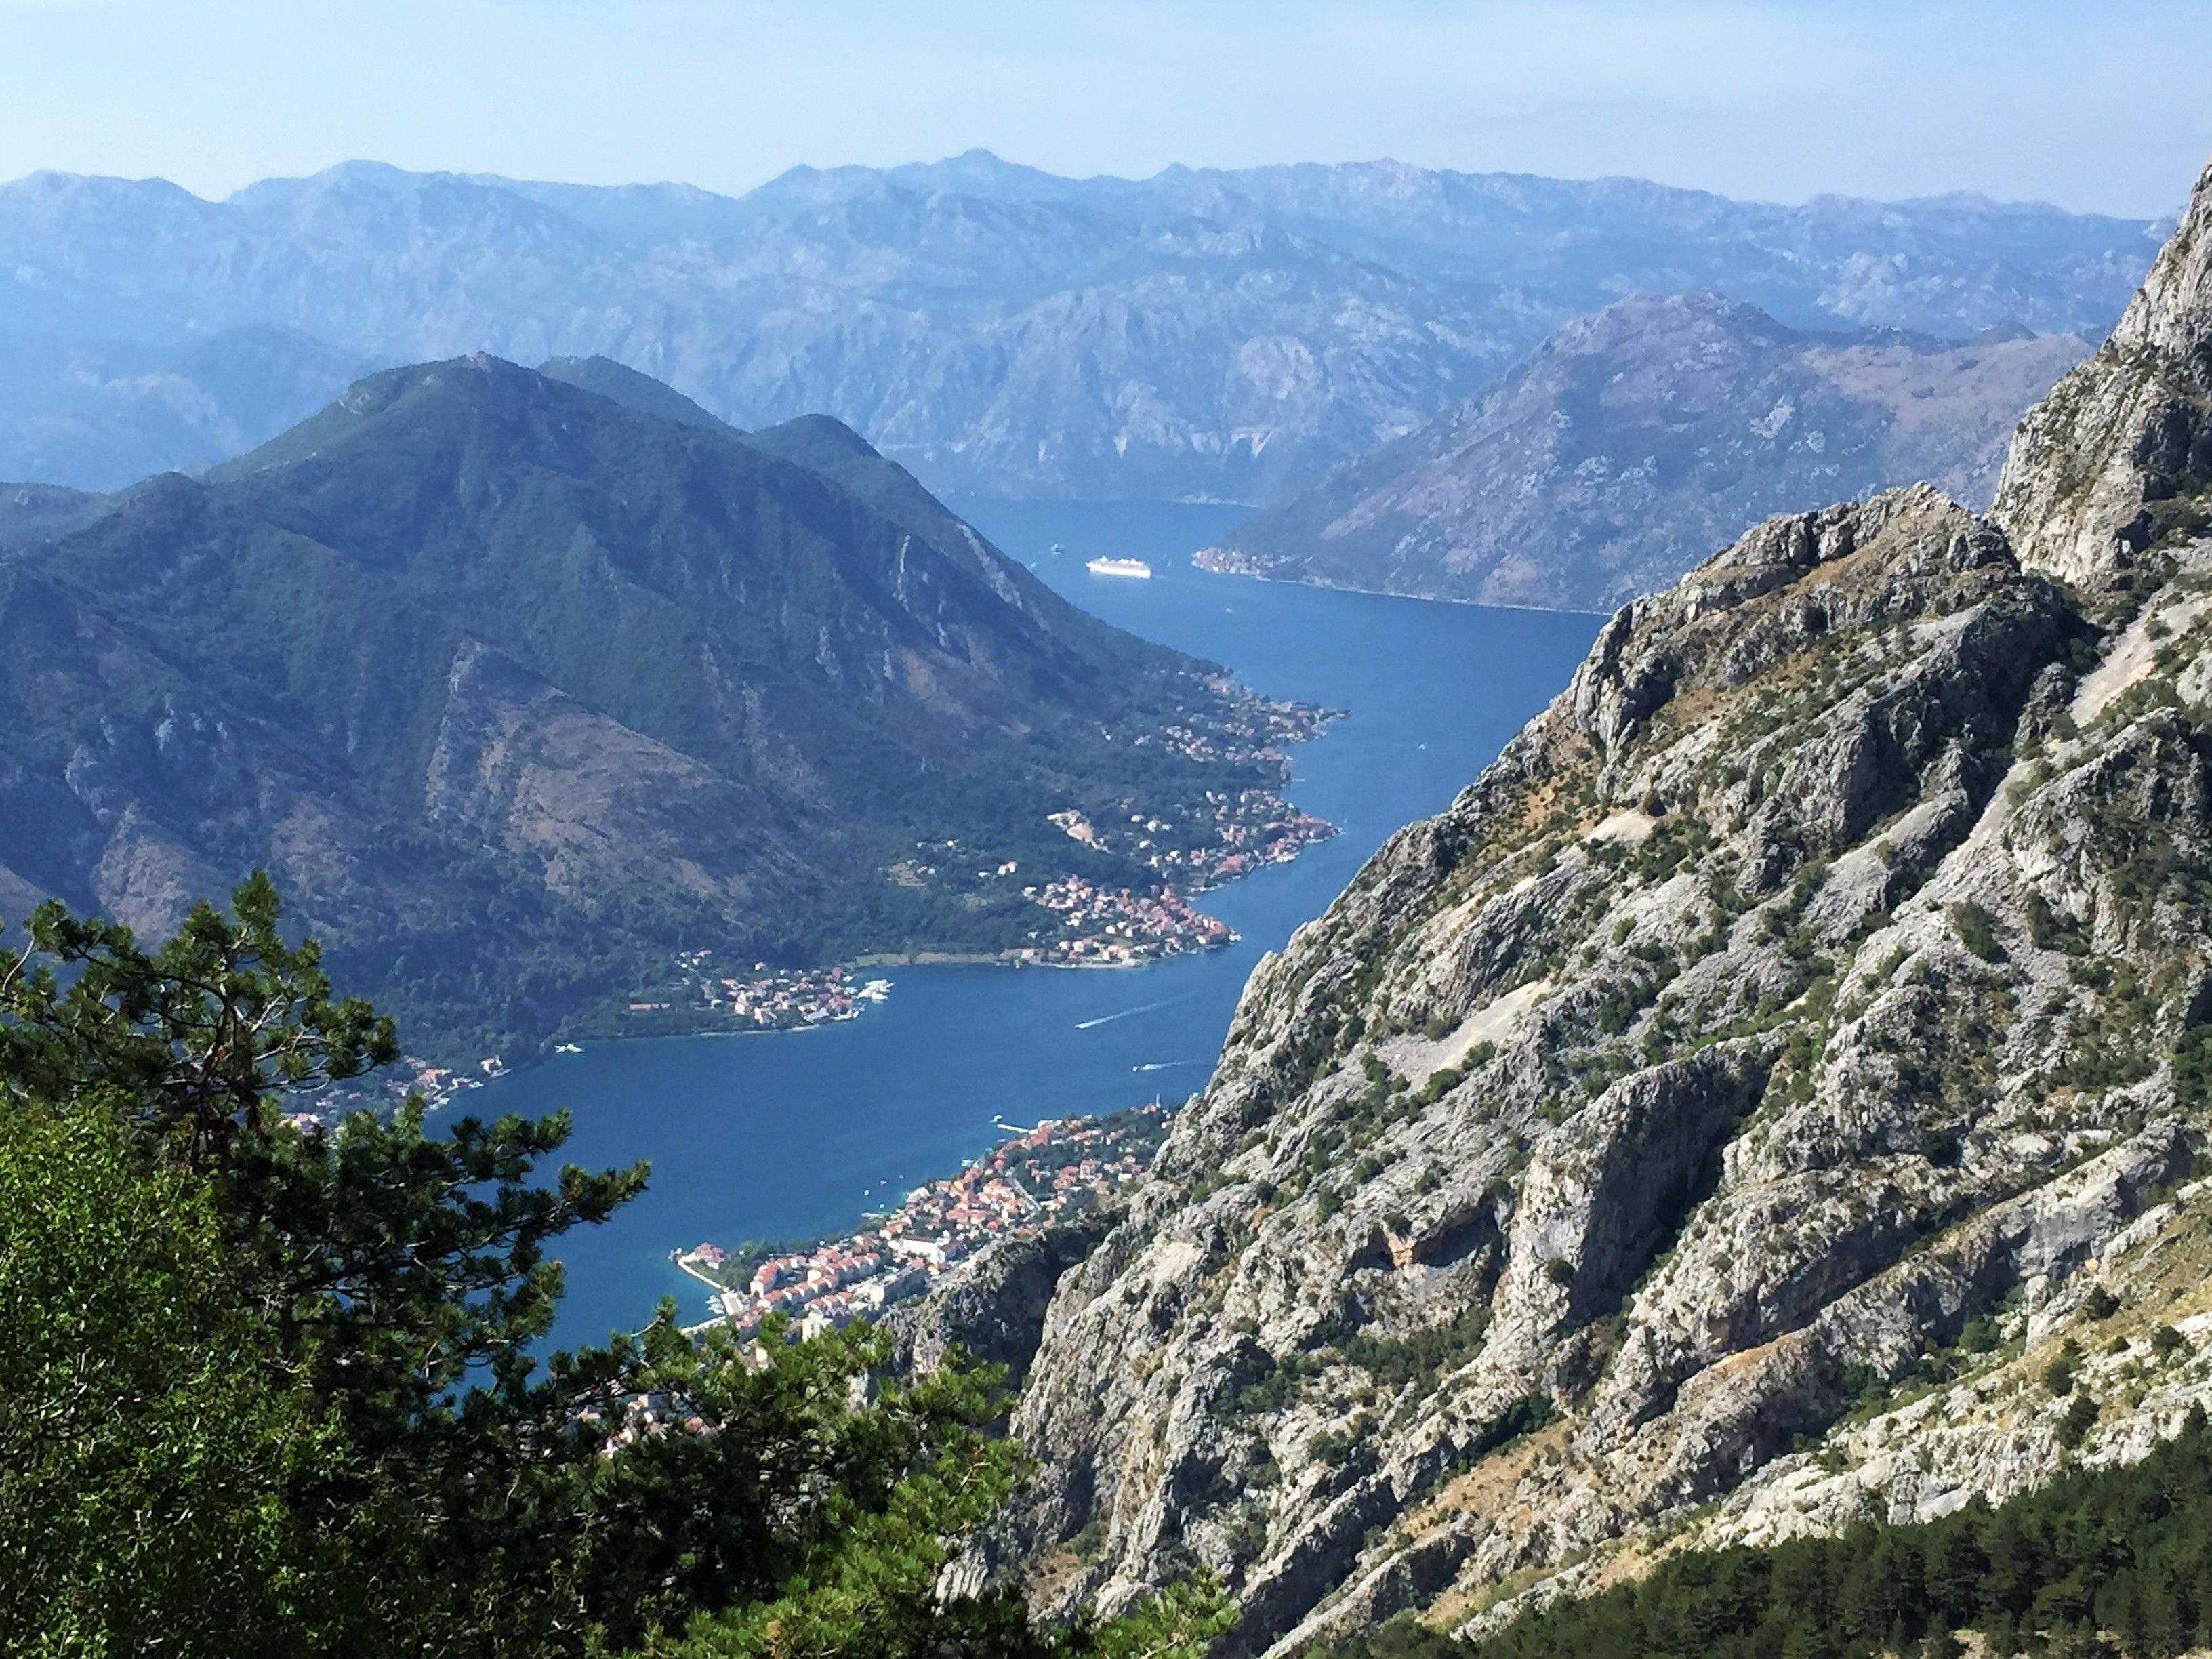 Gratis Afbeeldingen : landschap, zee, wildernis, wandelen, berg